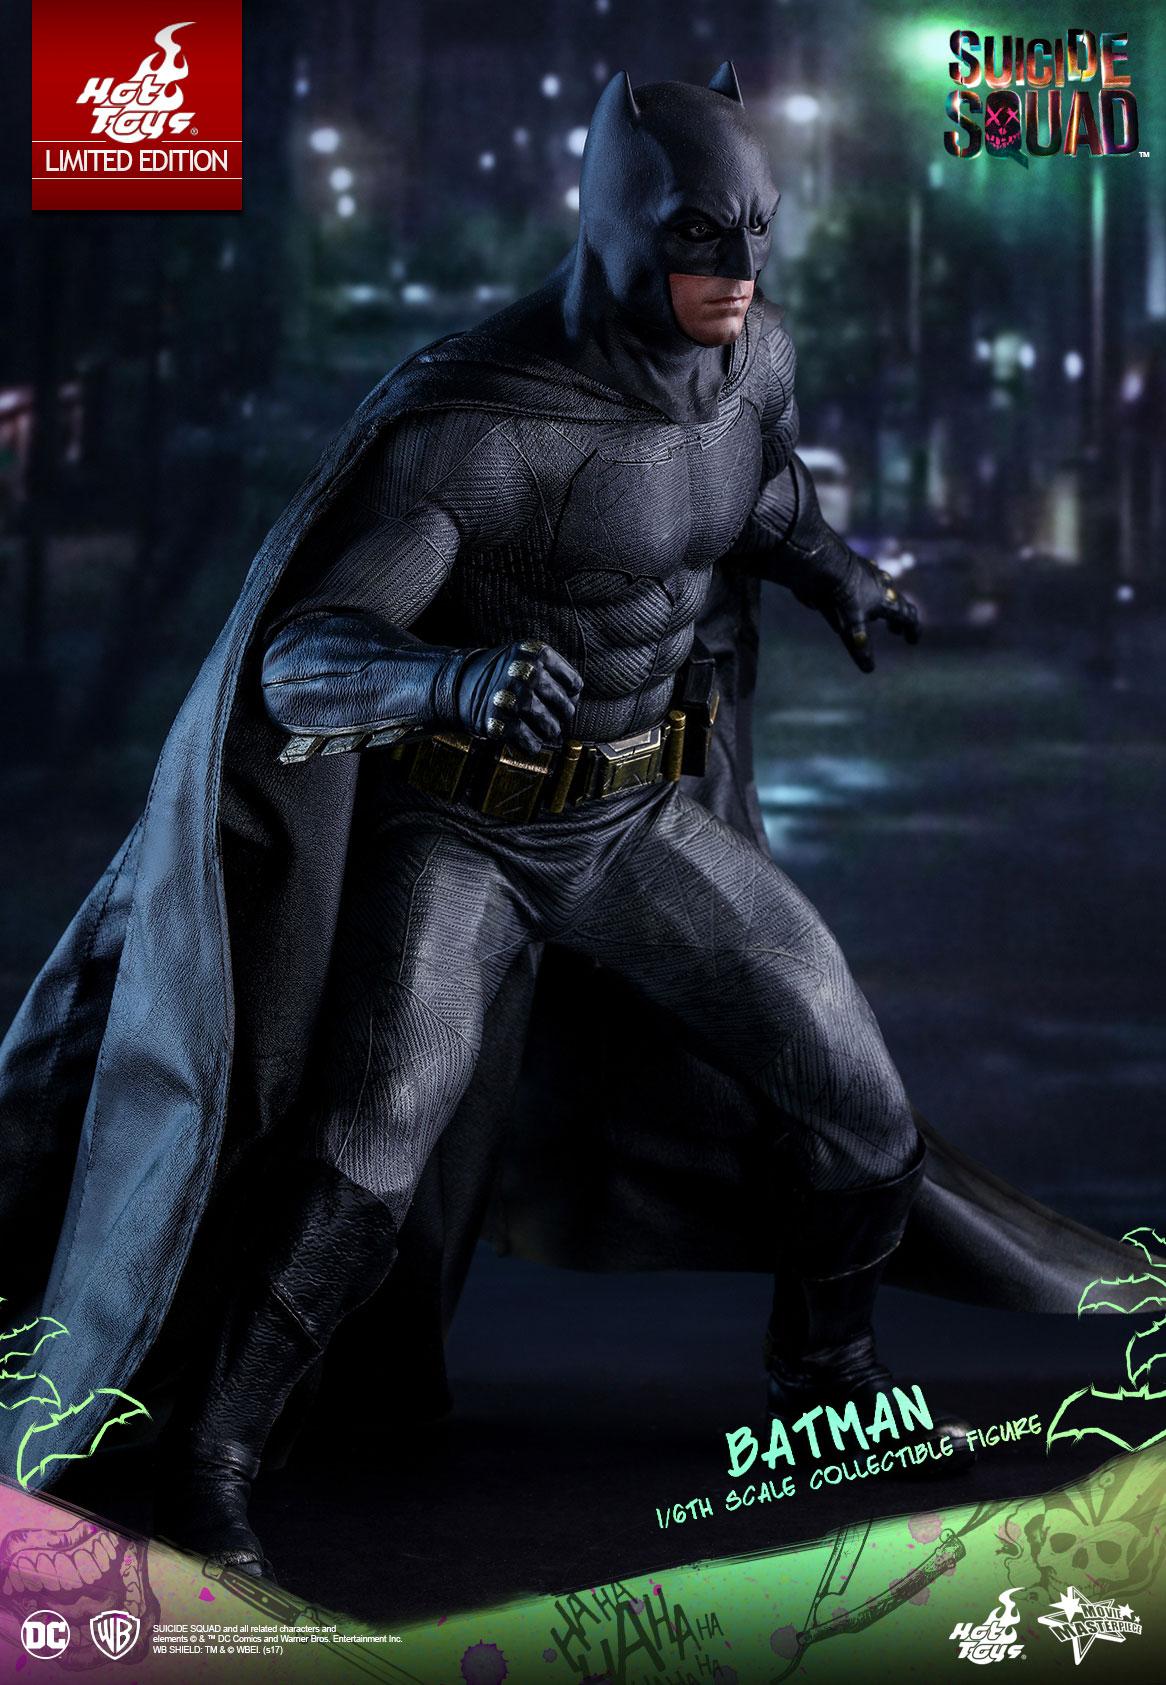 Hot-Toys---Suicide-Squad---Batman-Collectible-Figure_PR16